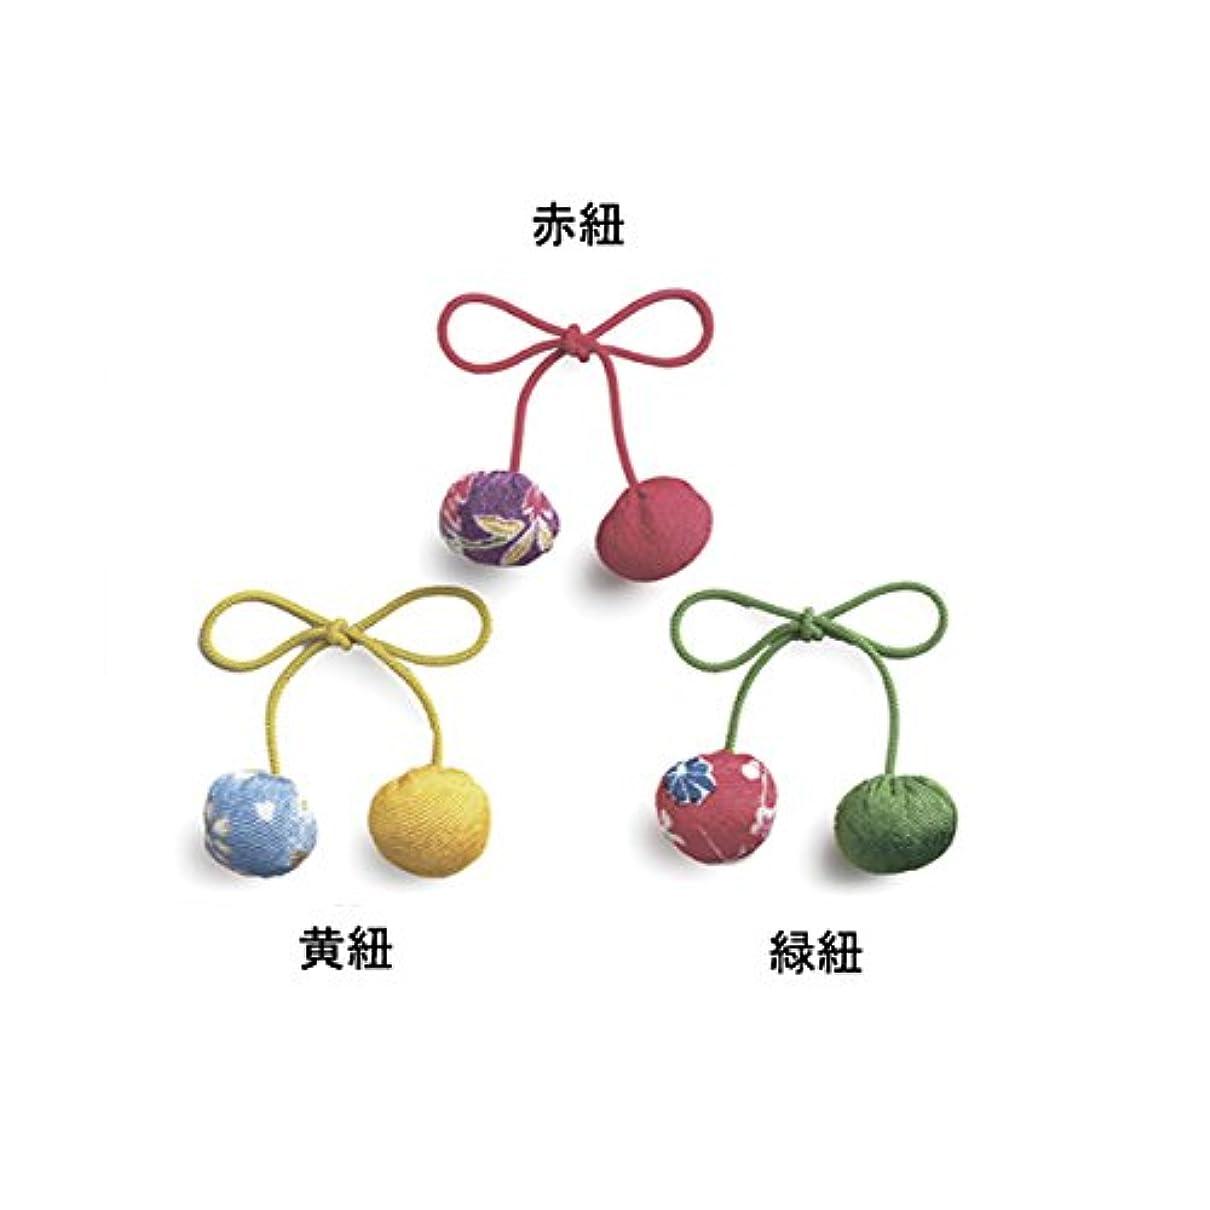 交換可能バランスメンタリティ香り結び紐 (黄)